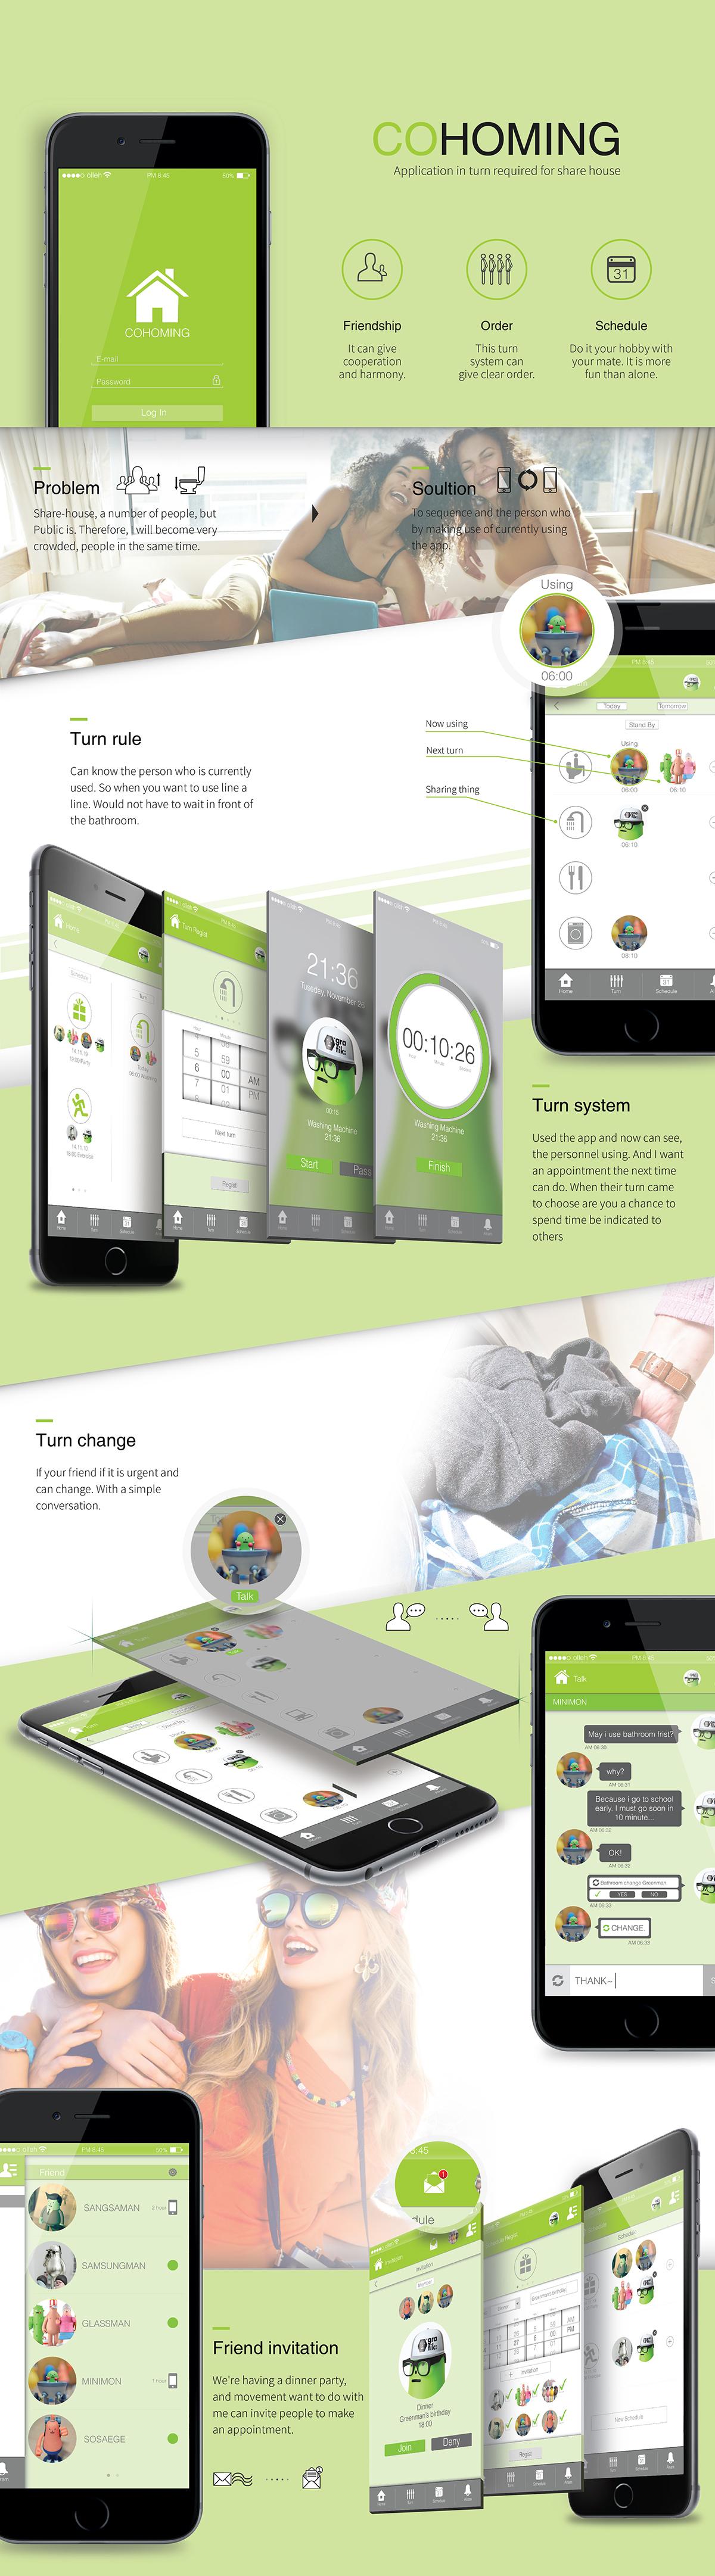 app sharehouse